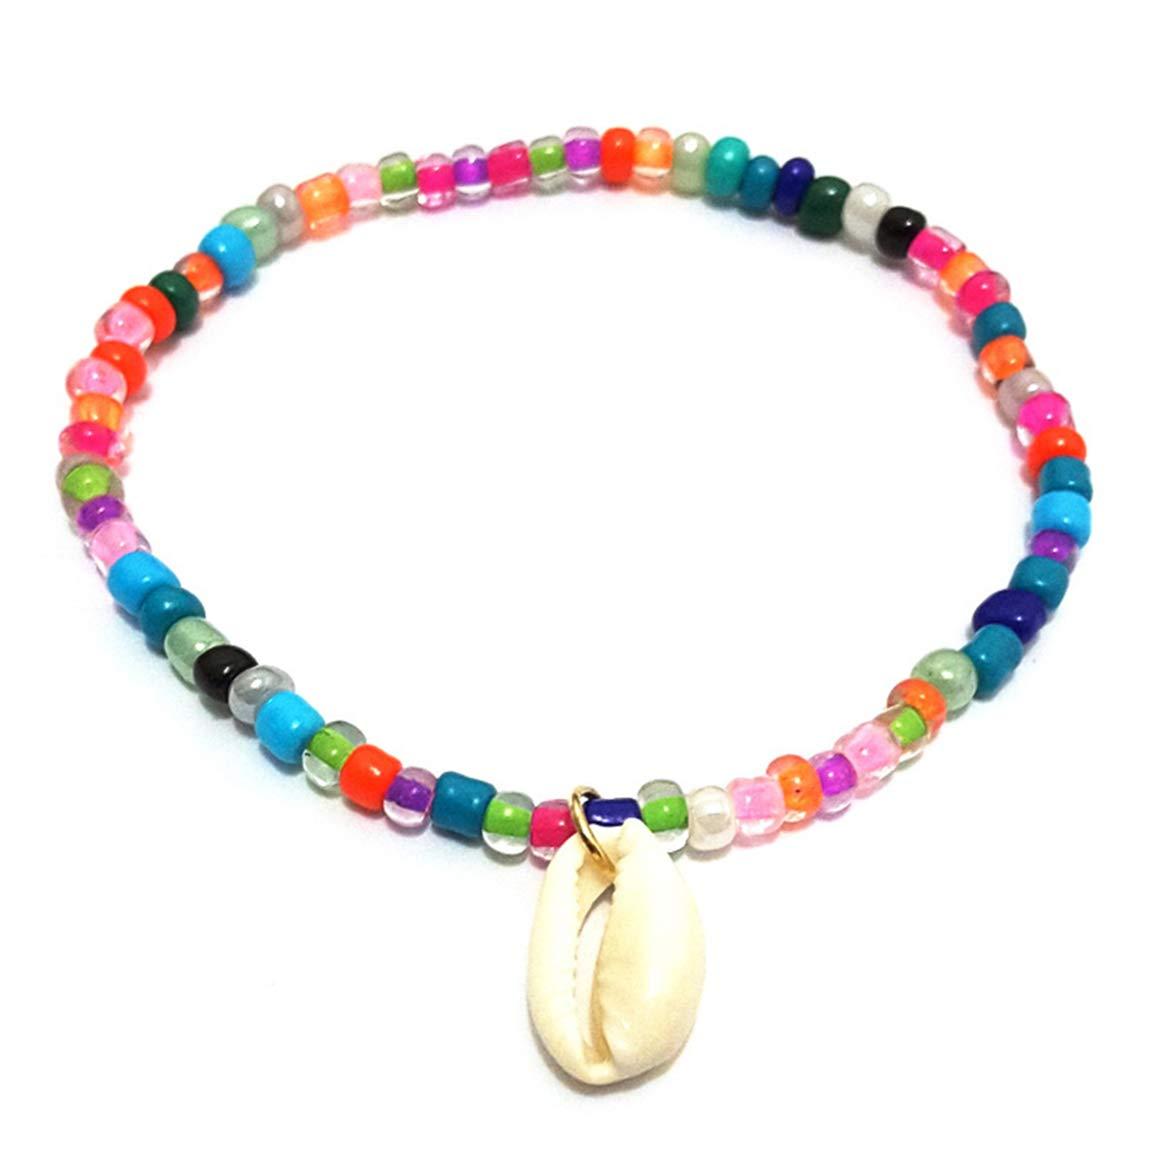 Weiy Boh/ème Style Ethnique color/é Perle /élastique Cheville avec Coque Pendnat Fahsion Vintage Charmant Yoga Plage Bracelet de Cheville Pied Bijoux pour Femmes Filles